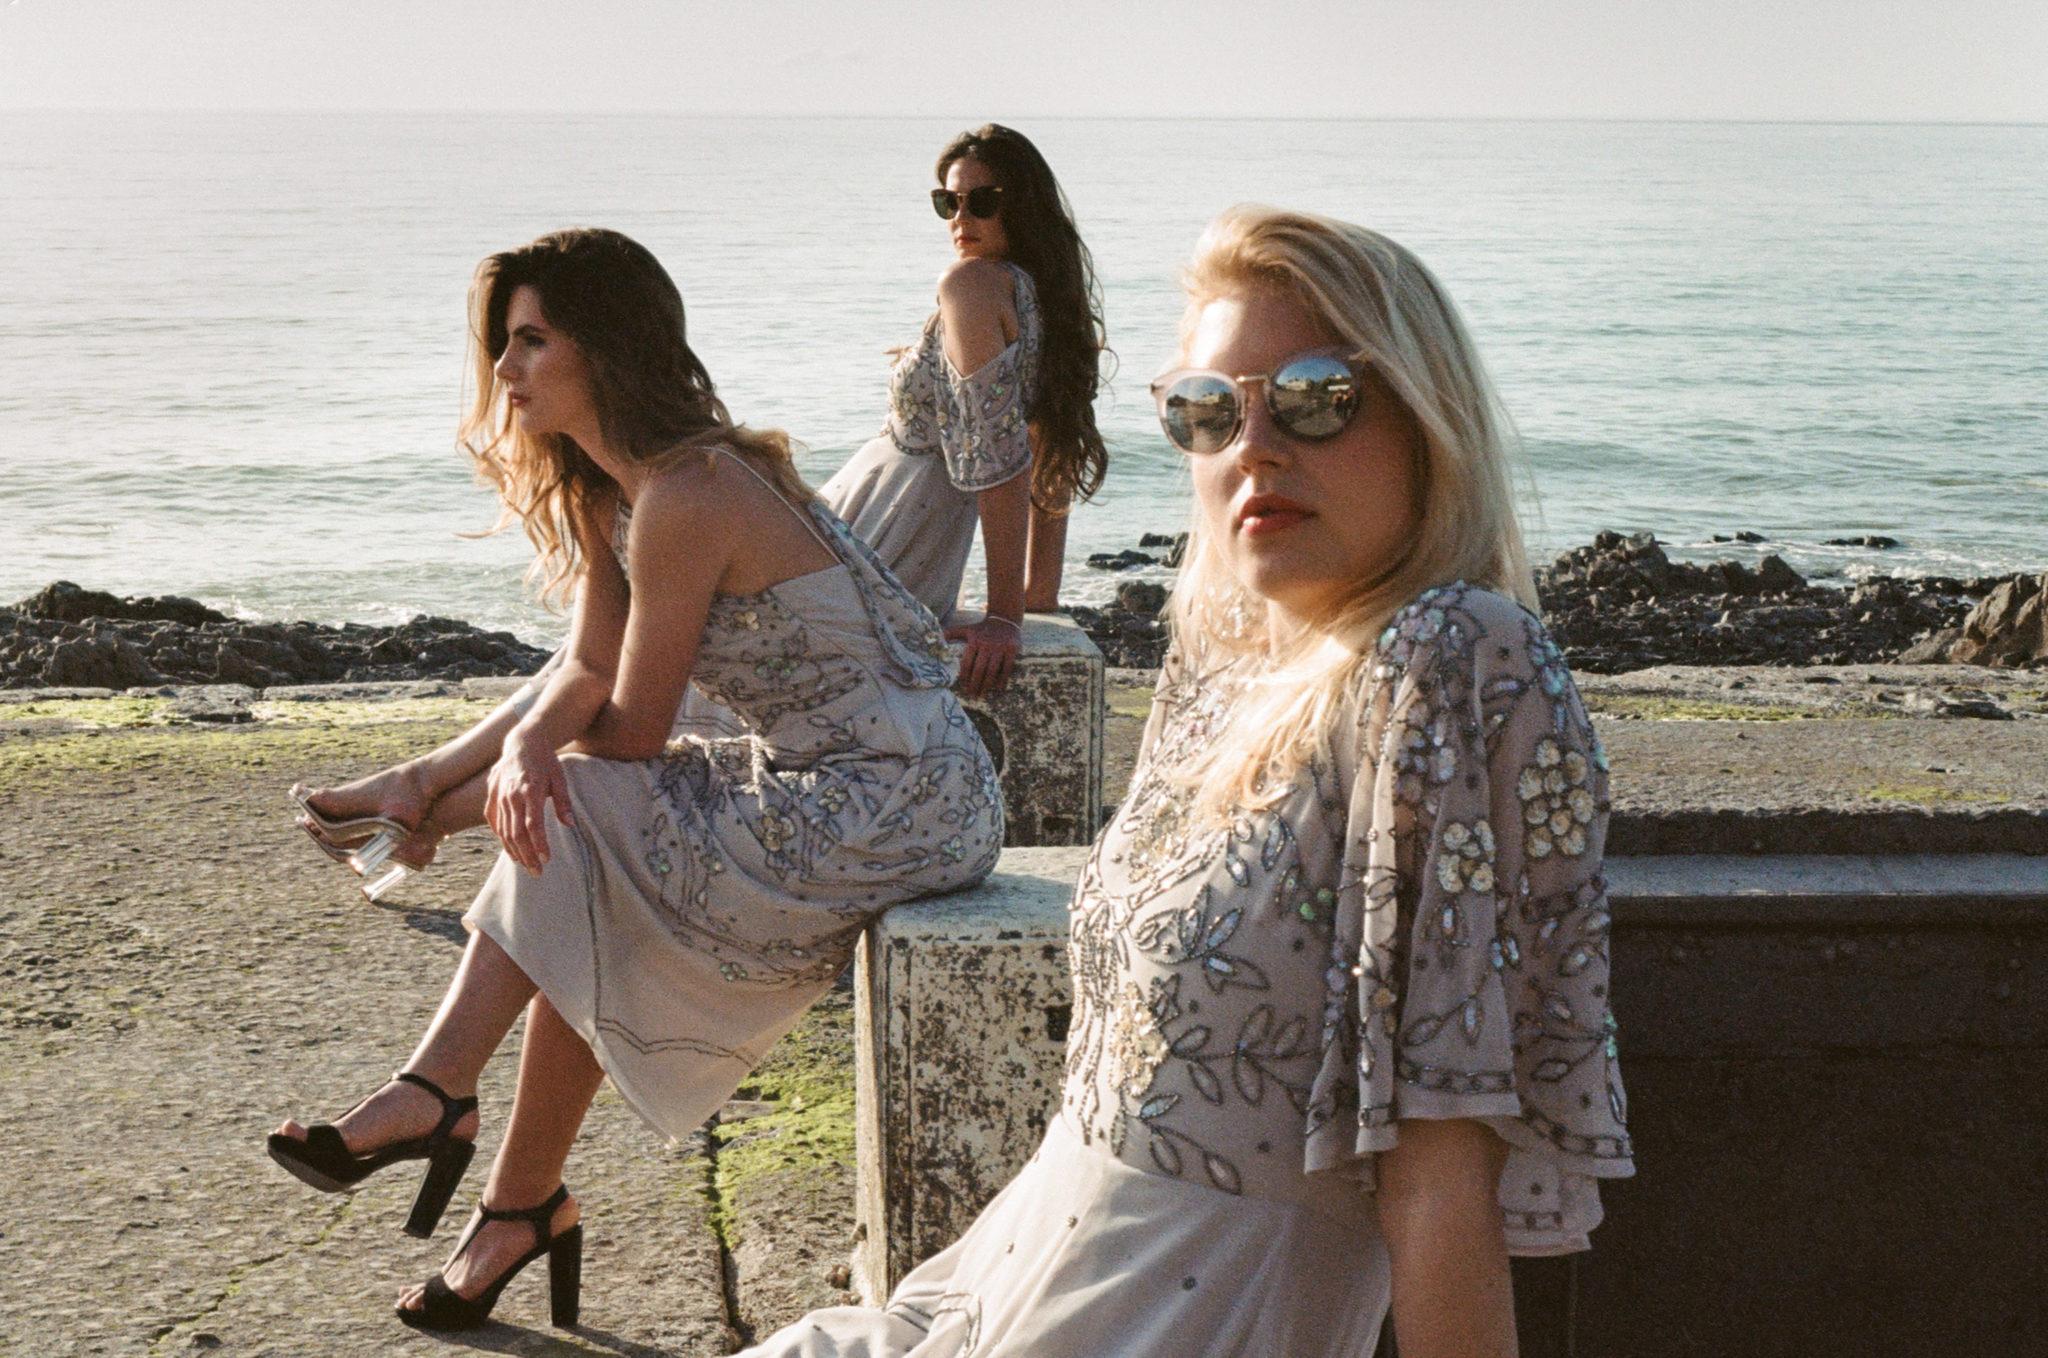 Granville Le wedding Bridesmaids robes Asos lunettes Stella and Dot plage piscine eau de mer